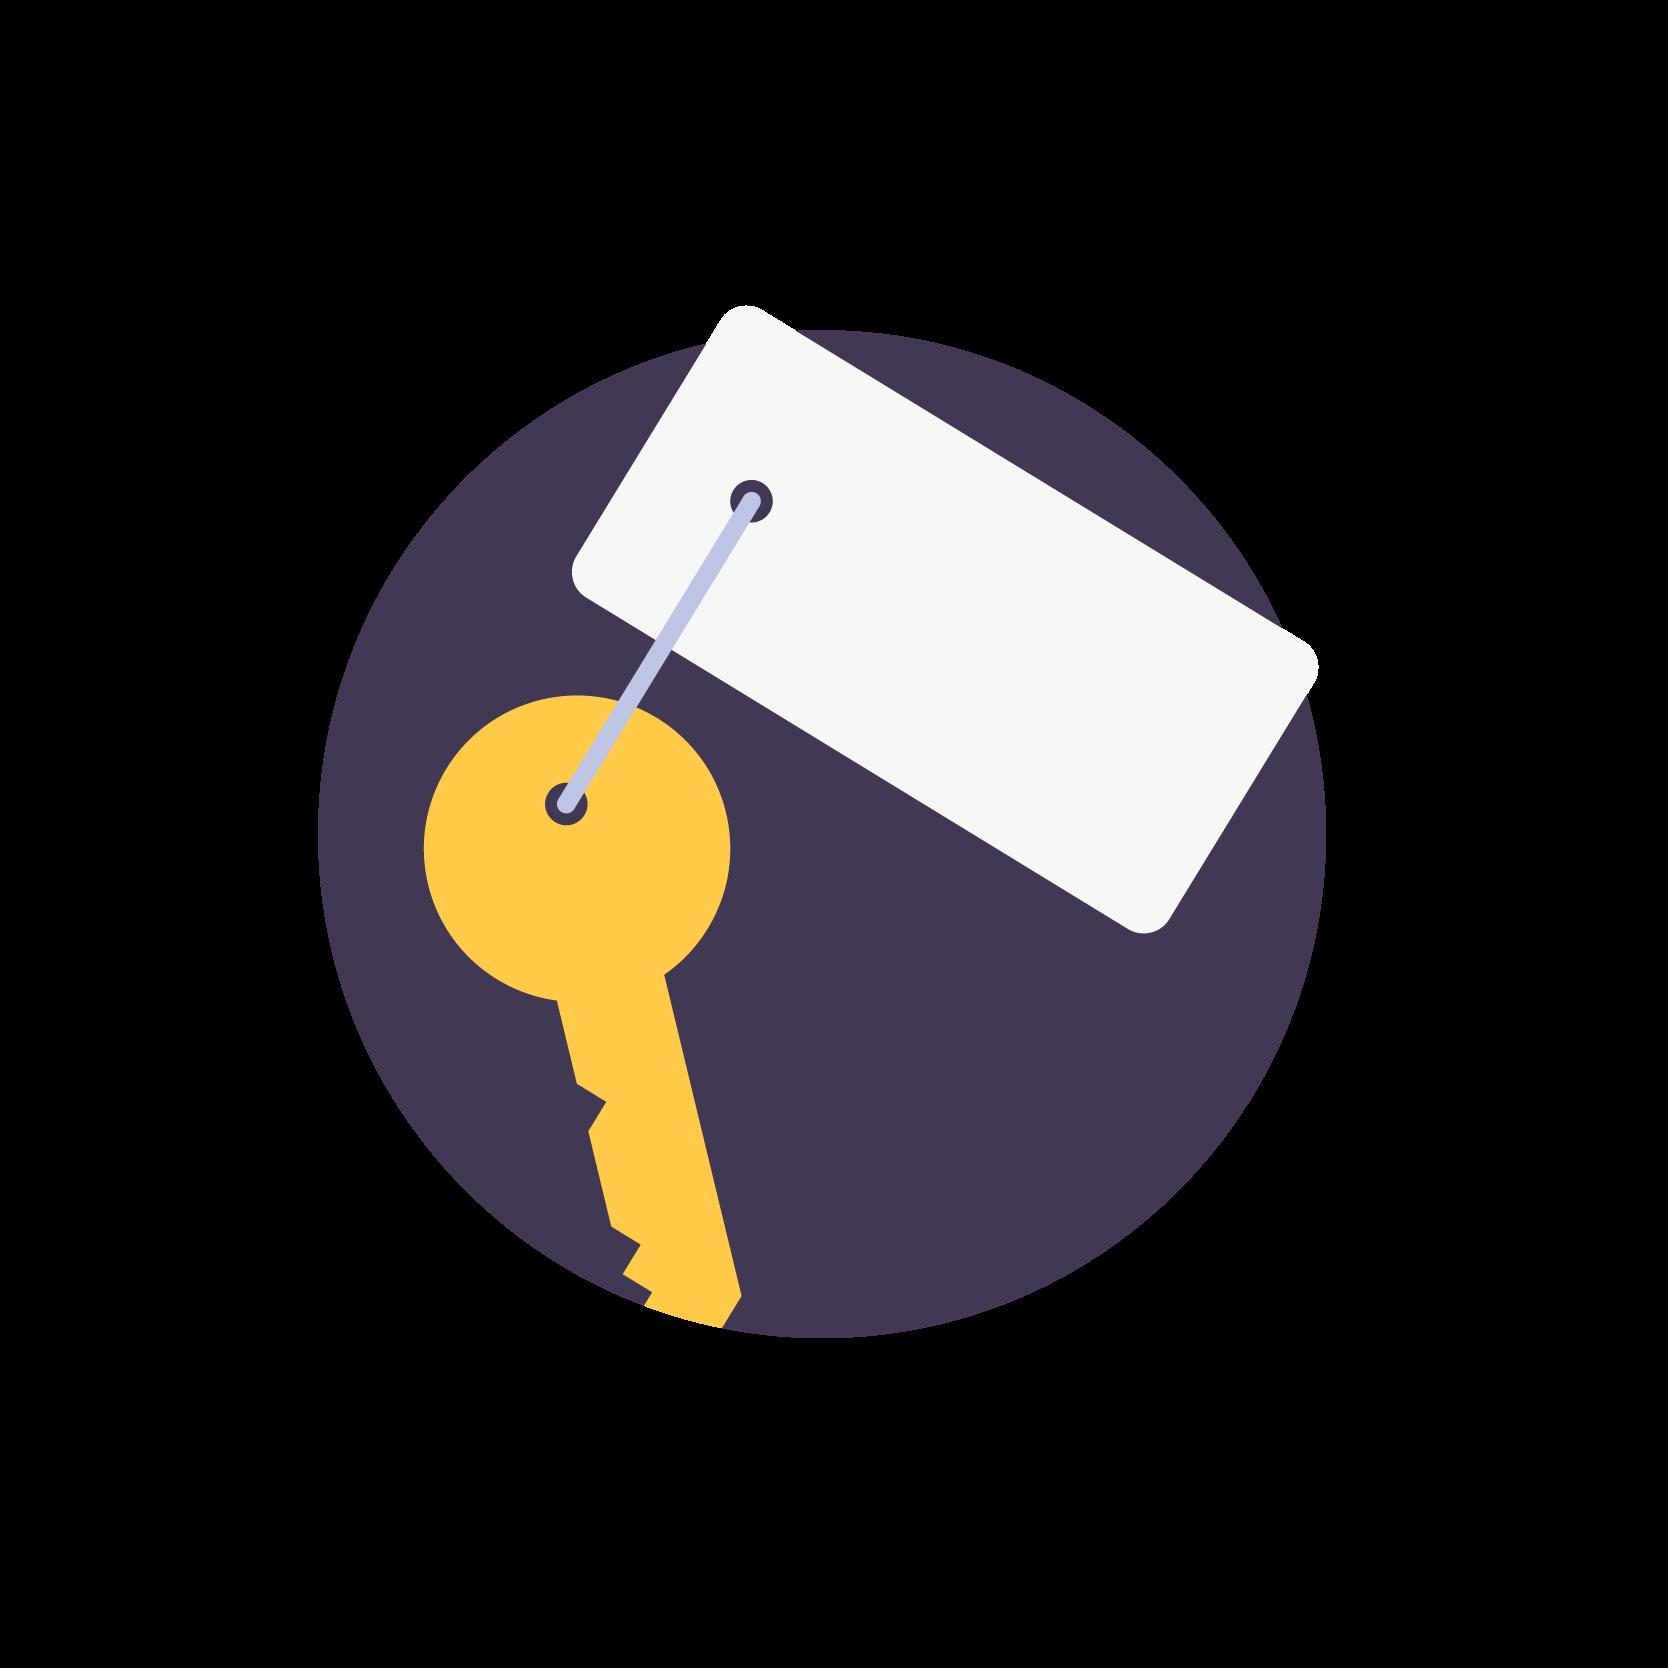 01_SB_Packaging_Icons_R1_Keys